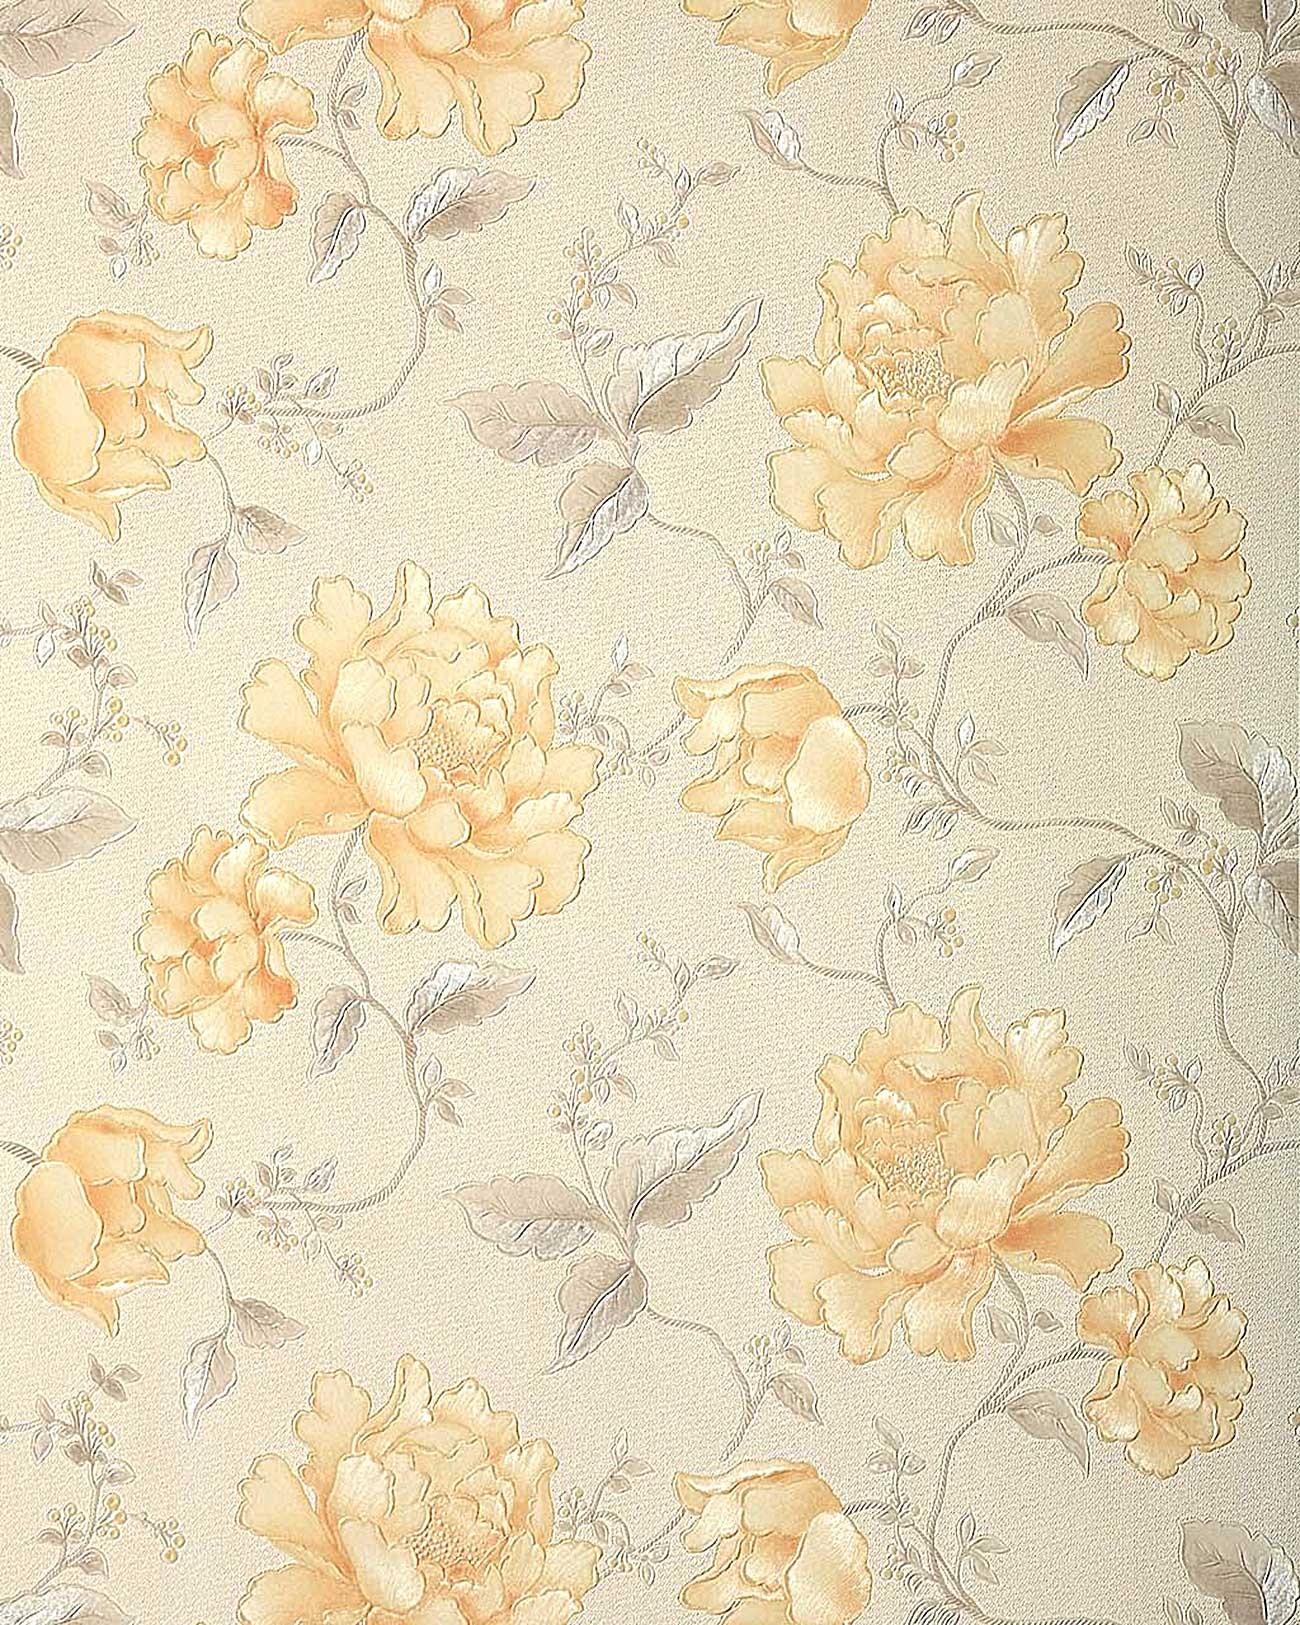 Asiatische Blumen Tapete : Ivory with Gold Floral Wallpaper